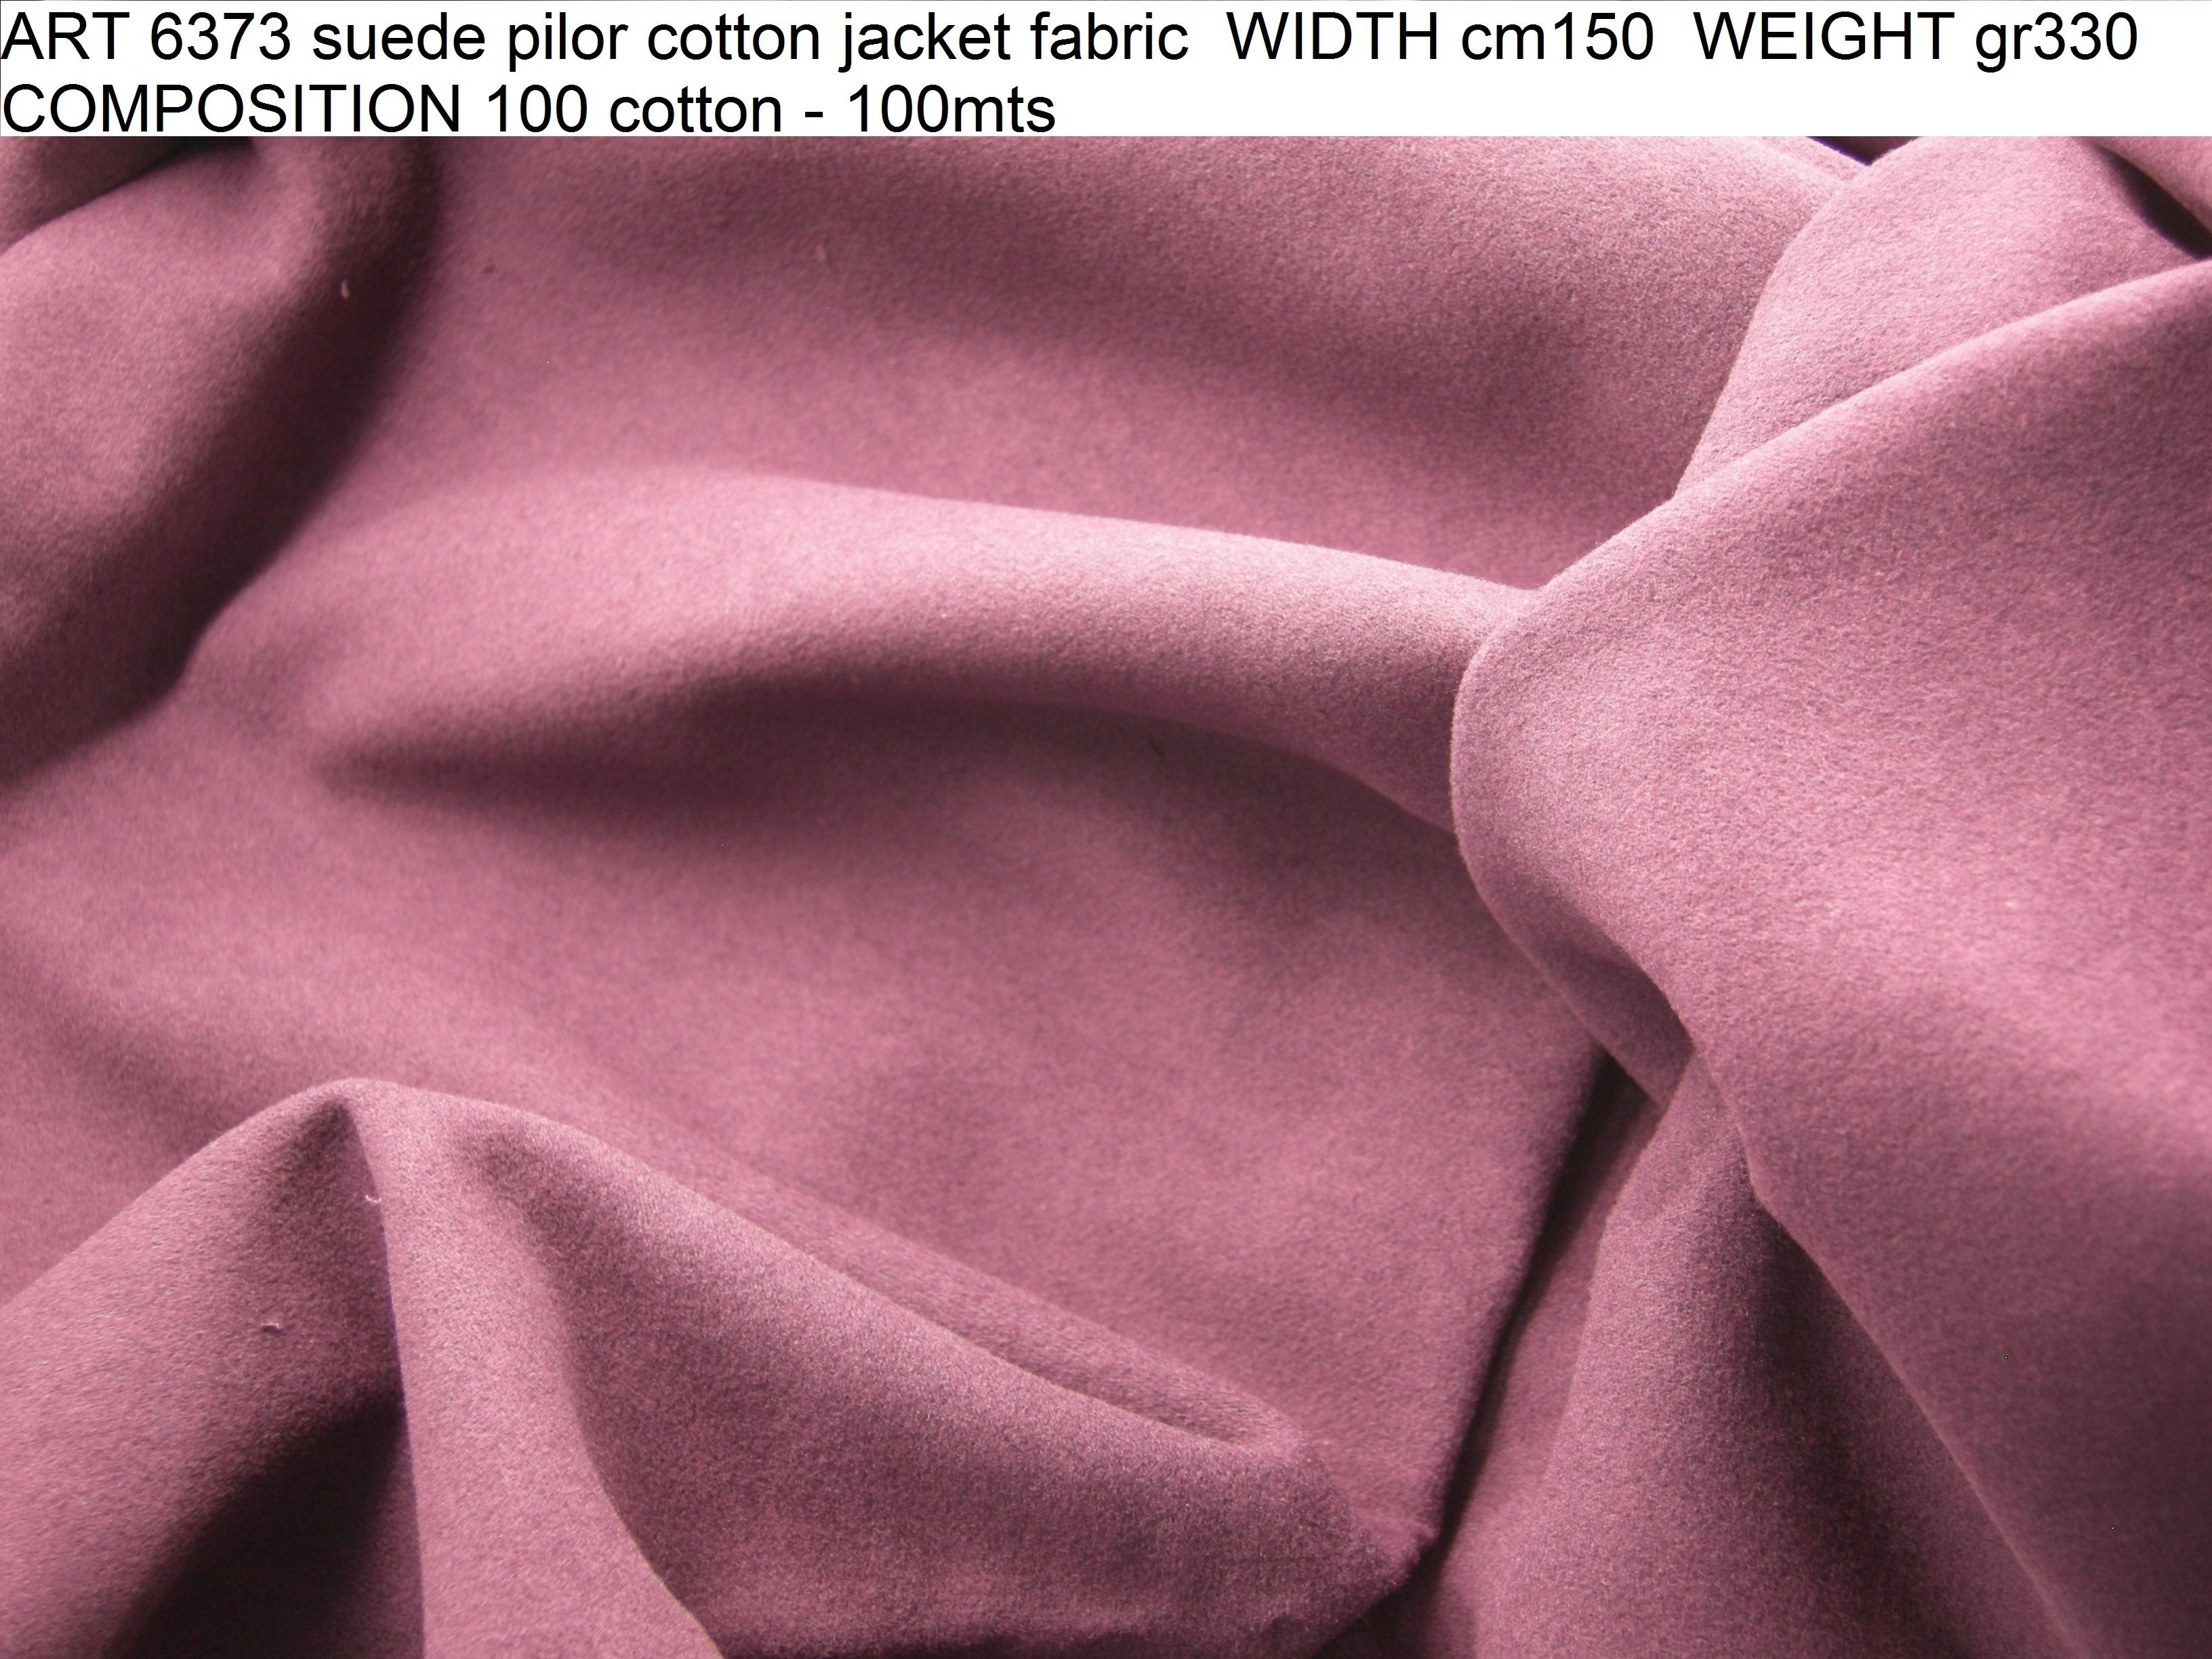 ART 6373 suede pilor cotton jacket fabric WIDTH cm150 WEIGHT gr330 COMPOSITION 100 cotton - 100mts